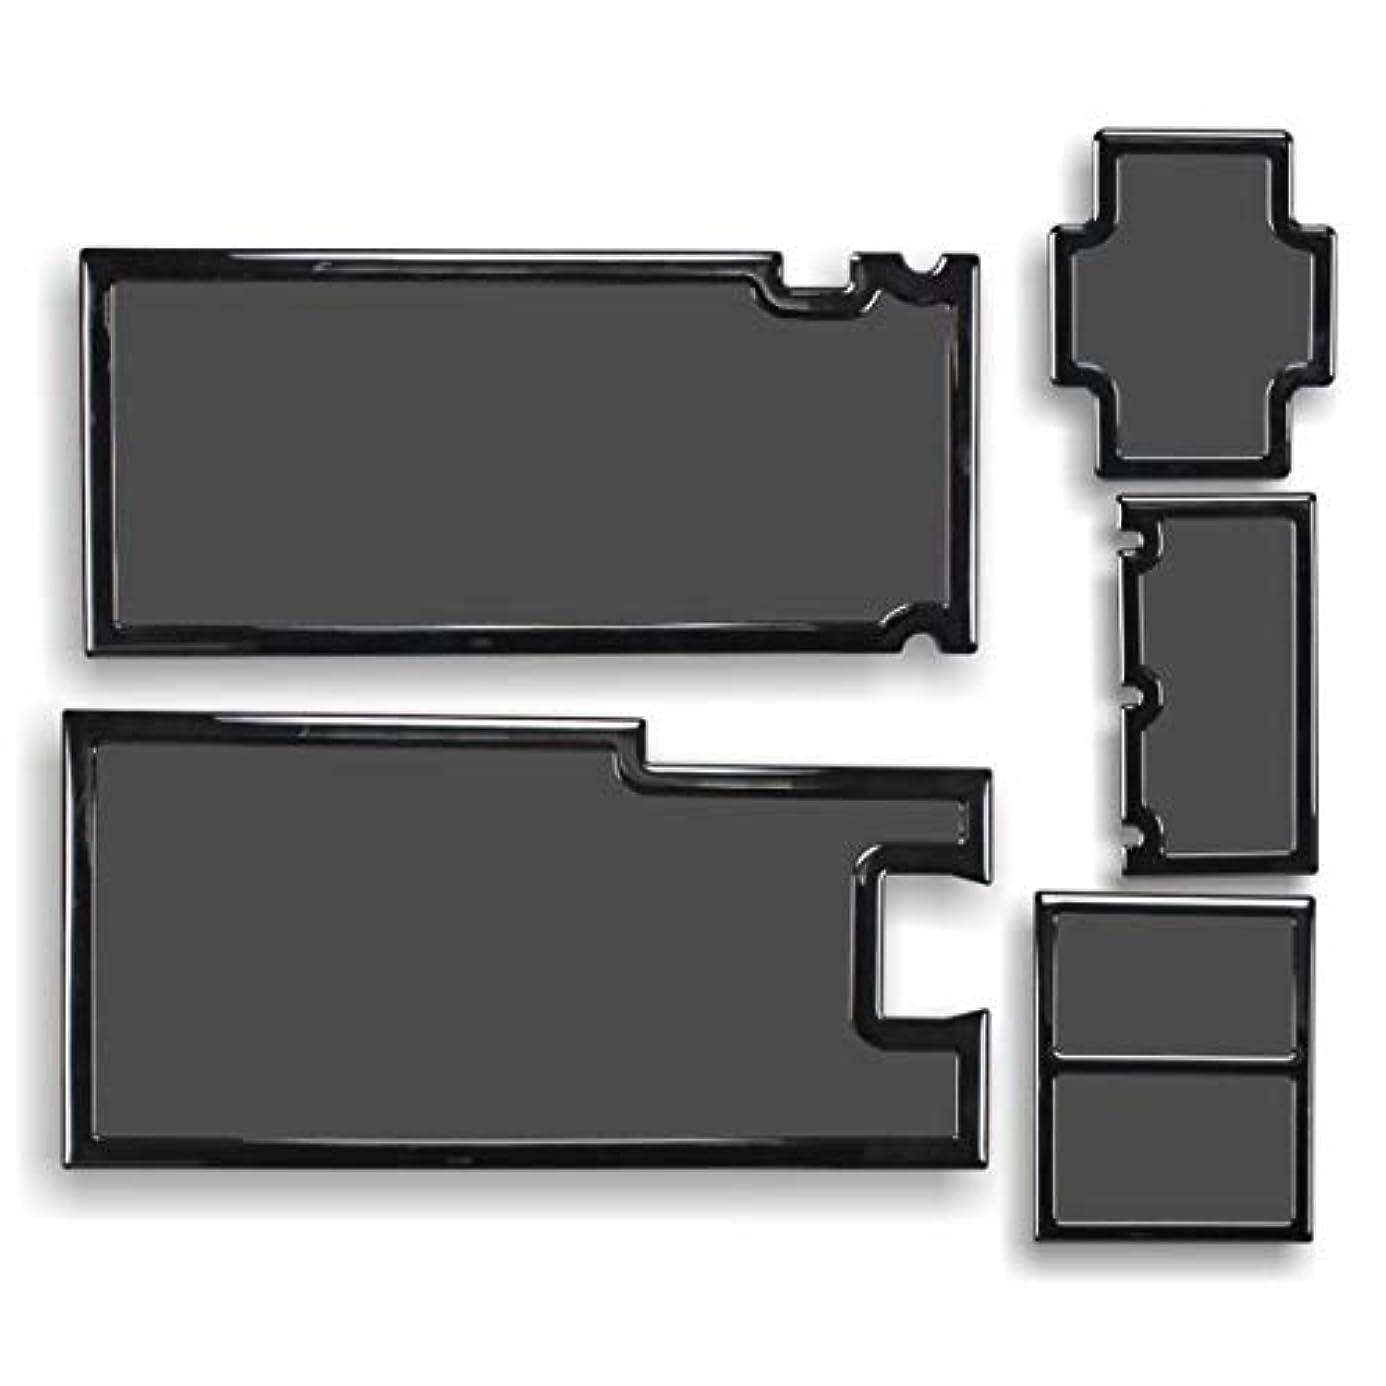 せせらぎ重量収まるDEMCiflex ダストフィルターキット Phanteks Enthoo Evolv ATXガラス用